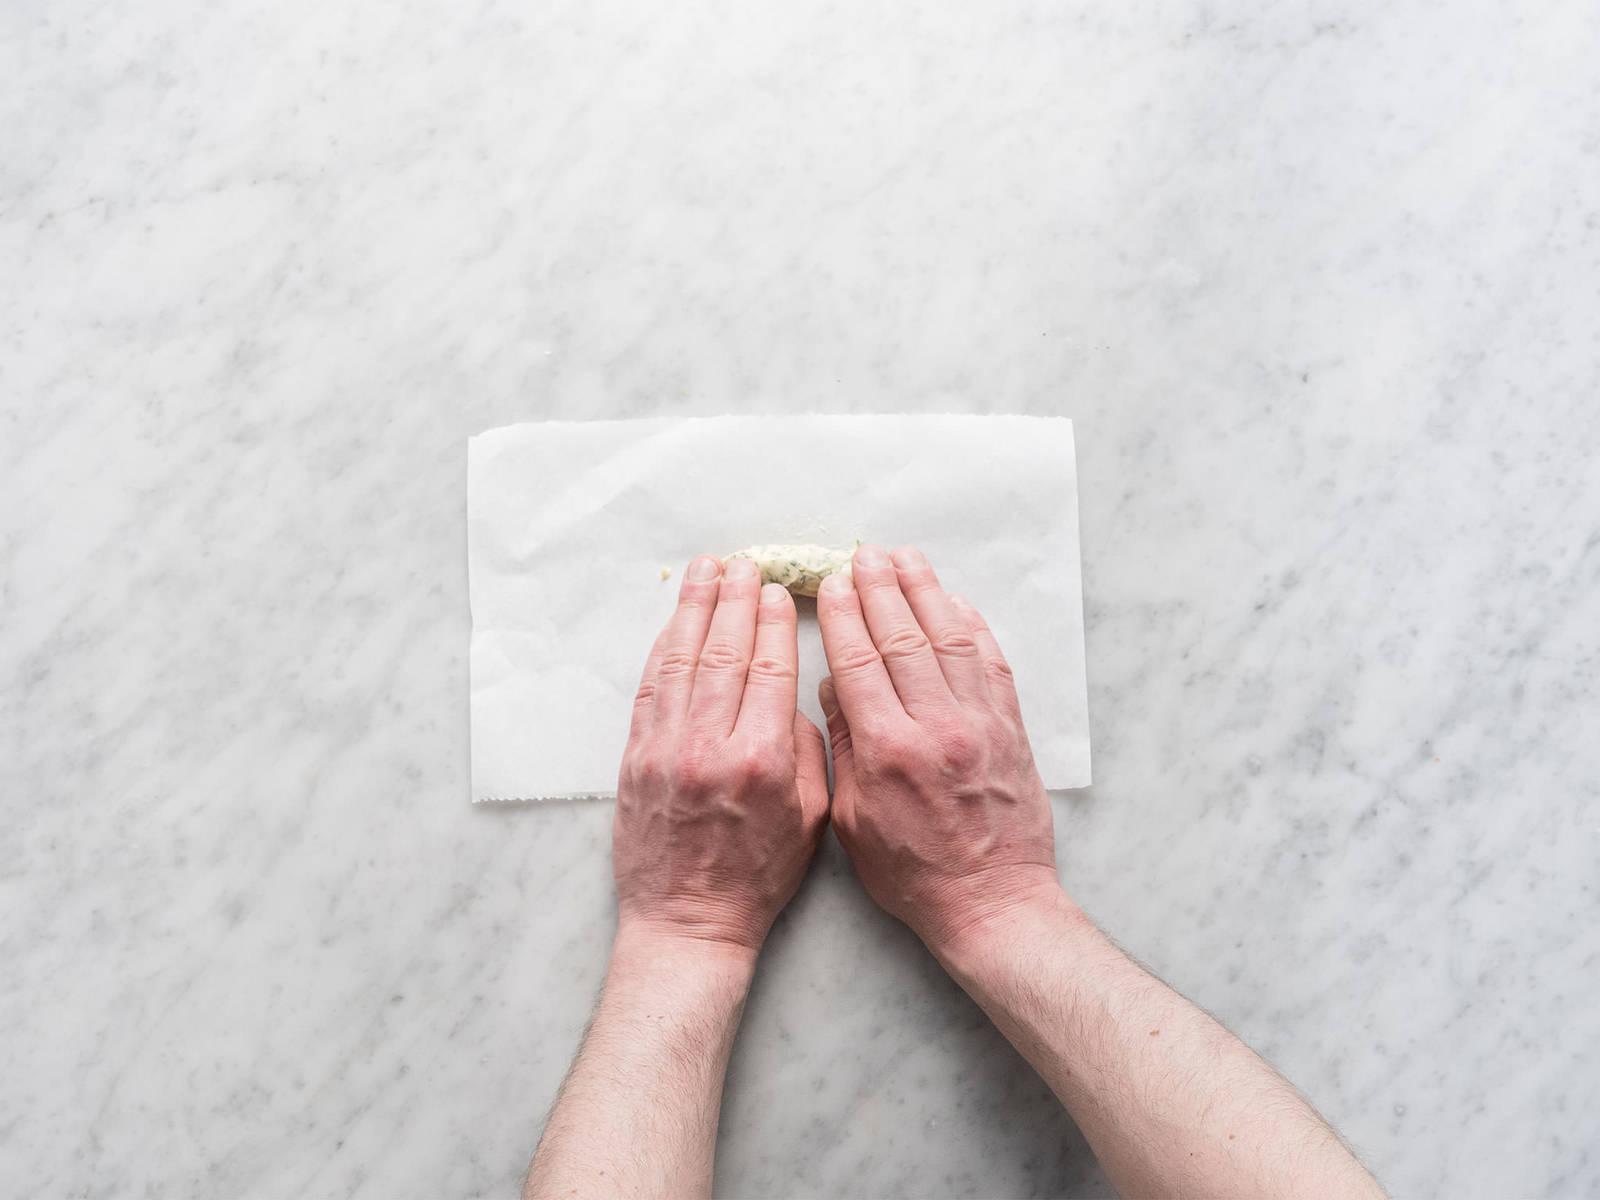 将龙蒿叶黄油放到一片烘焙纸上,卷起放入冰箱。